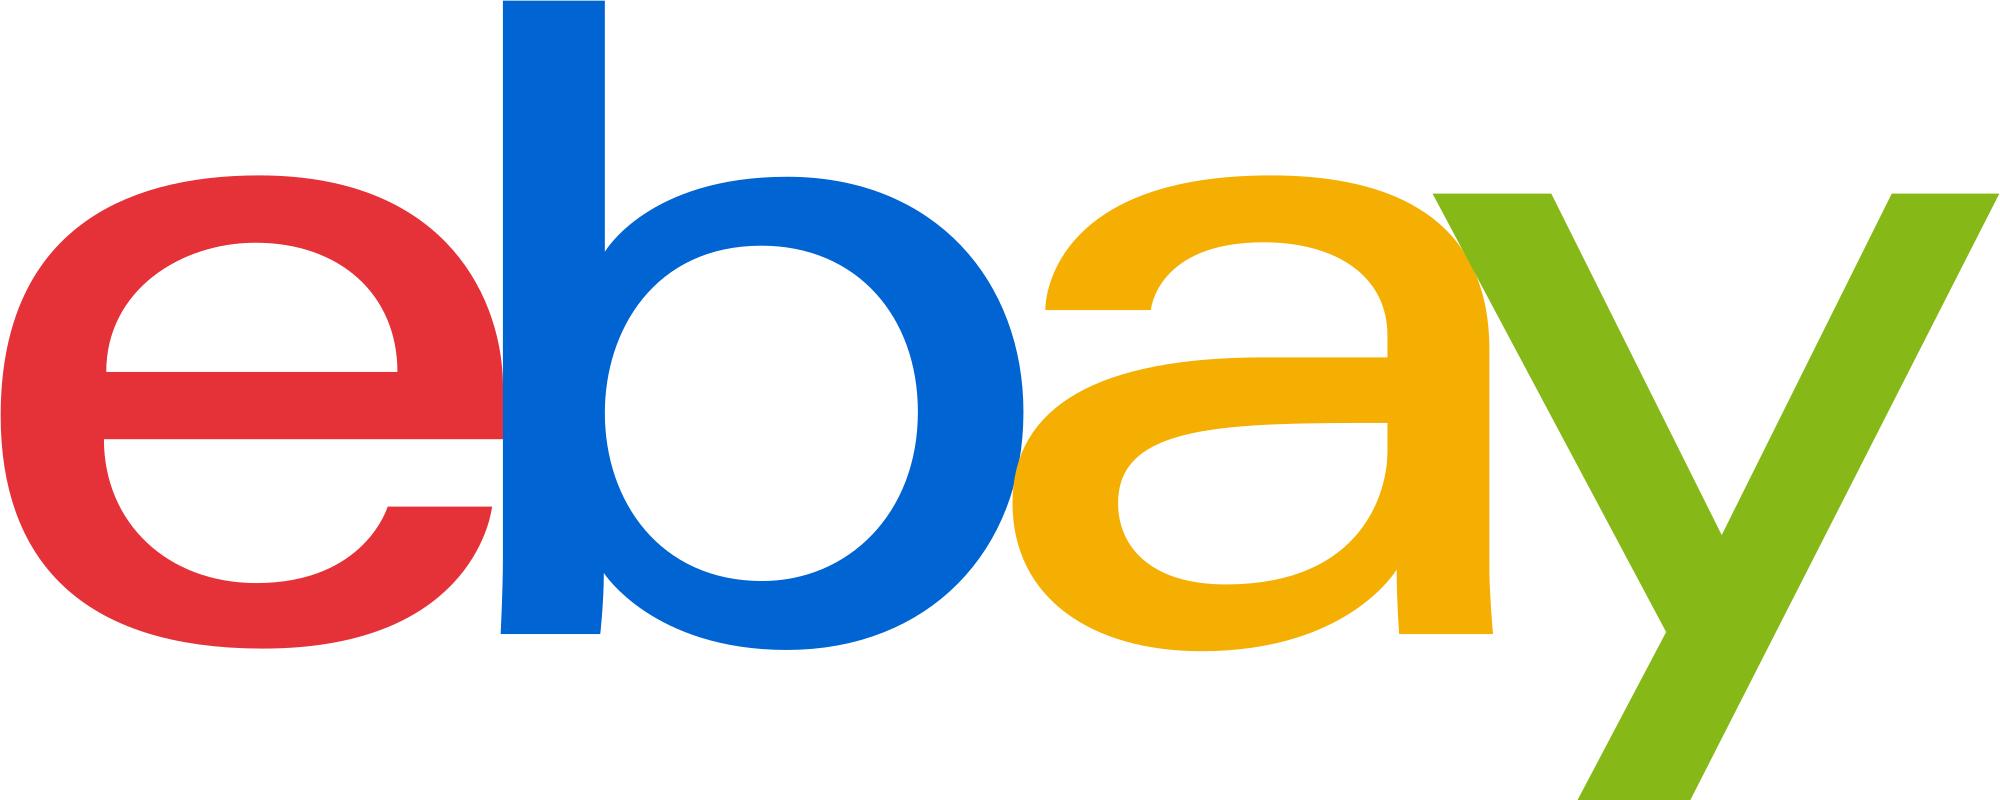 EBAY Max. 9,99 € Verkaufsprovision pro eingestelltem Artikel (10-mal) für eingeladene Verkäufer